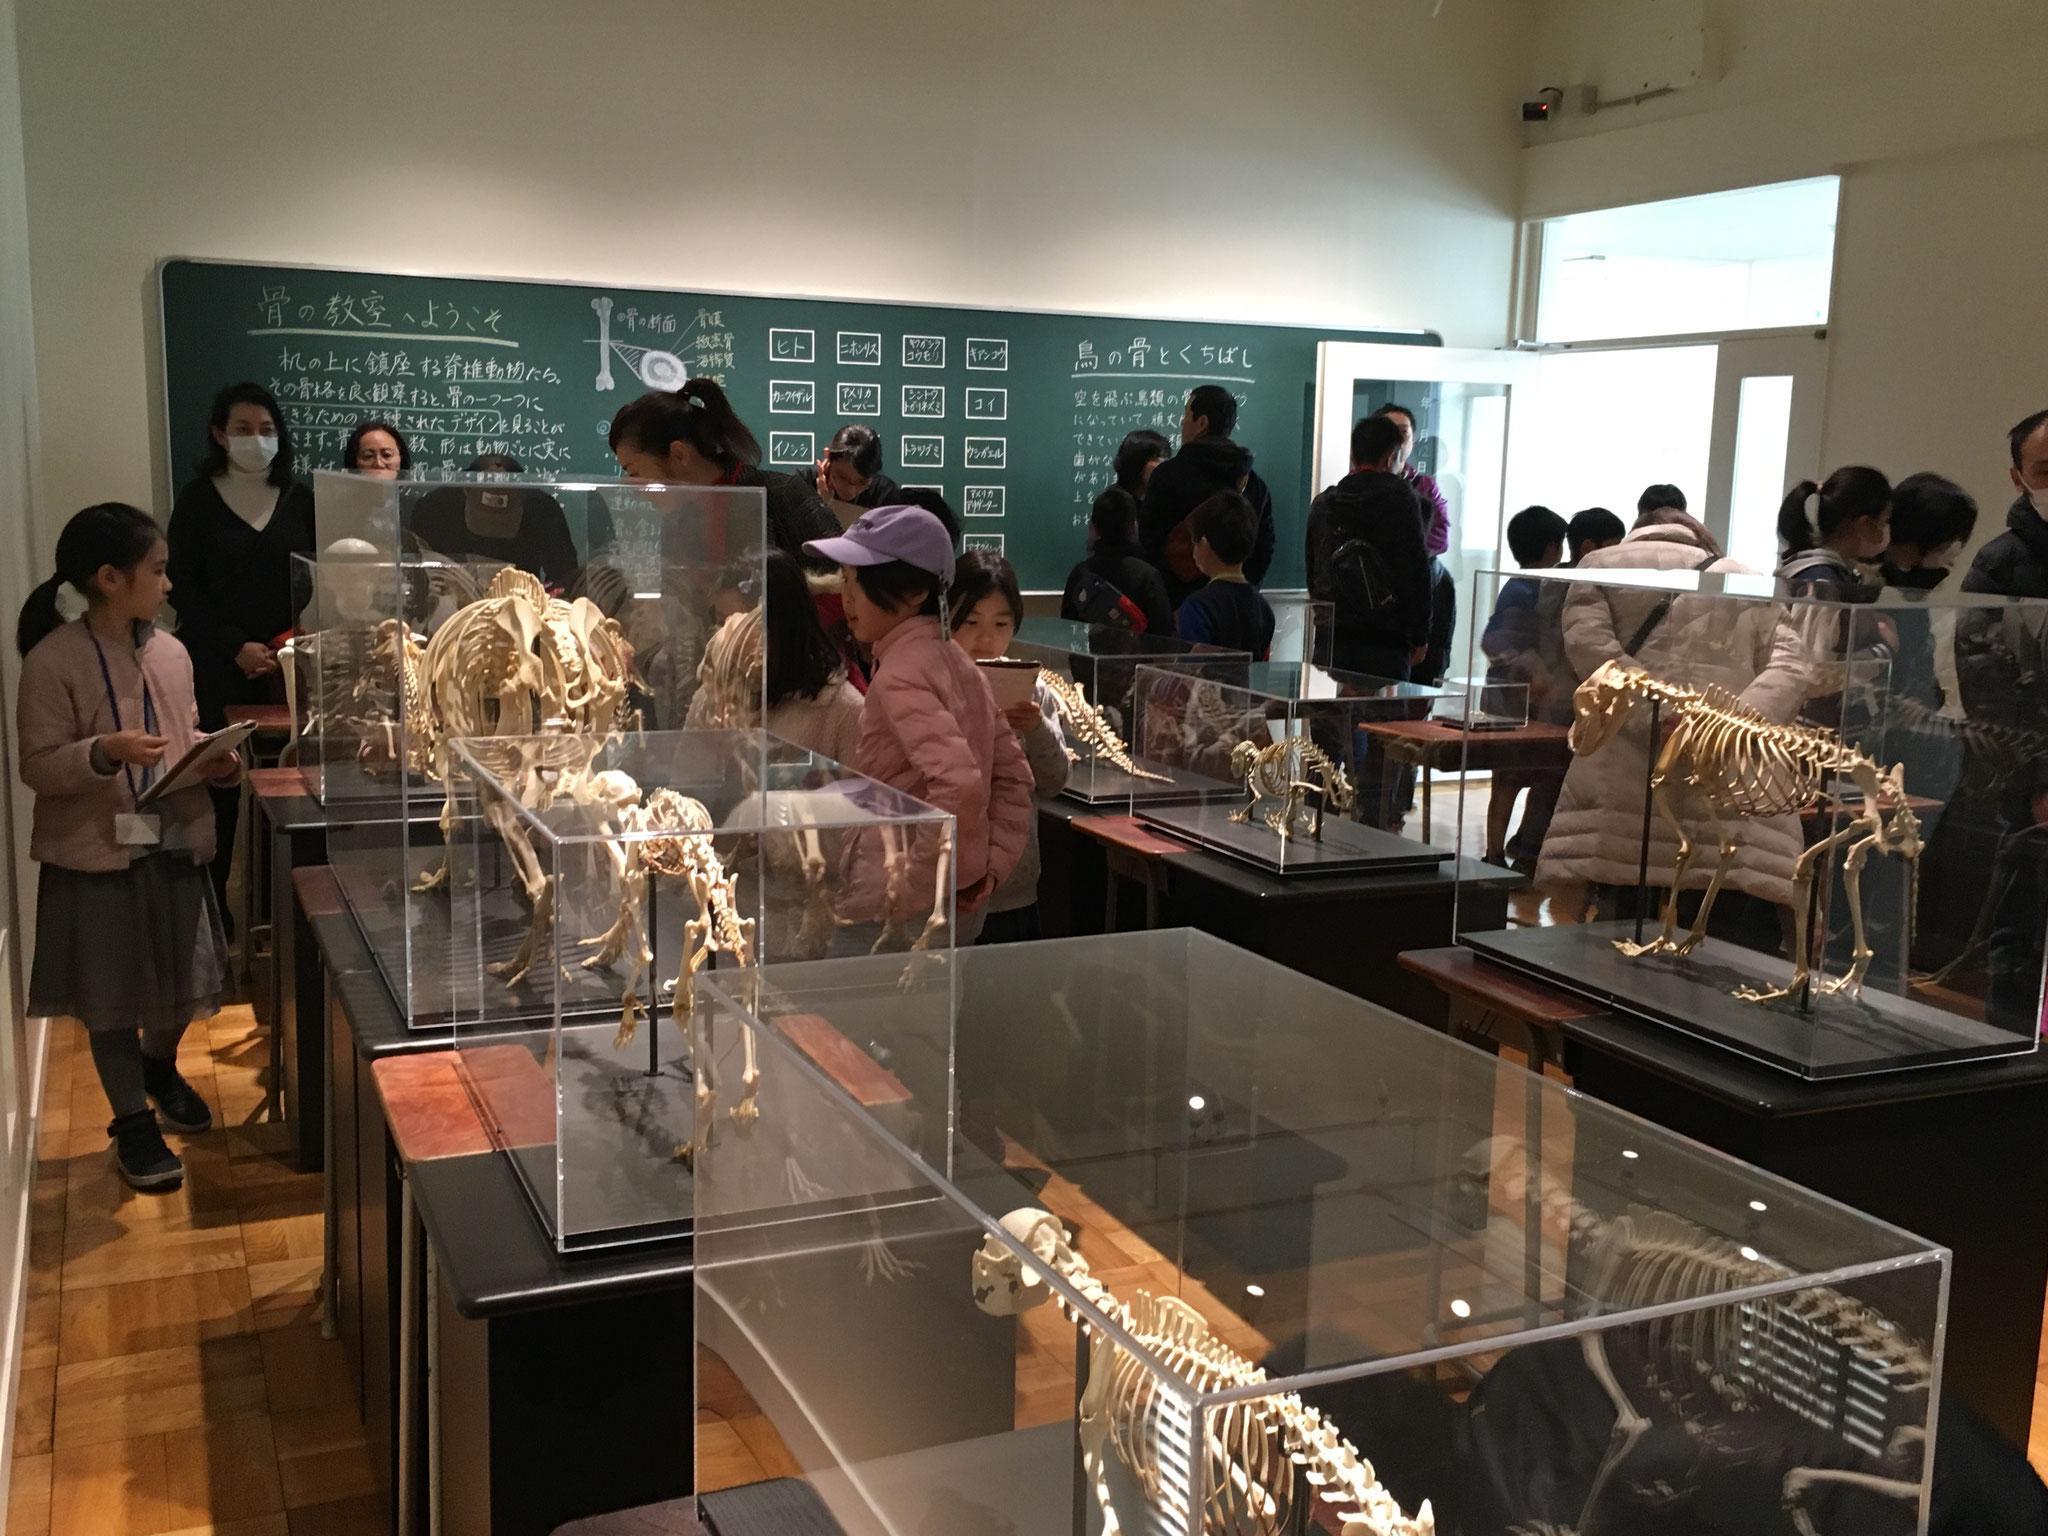 脊椎動物の骨格標本の部屋